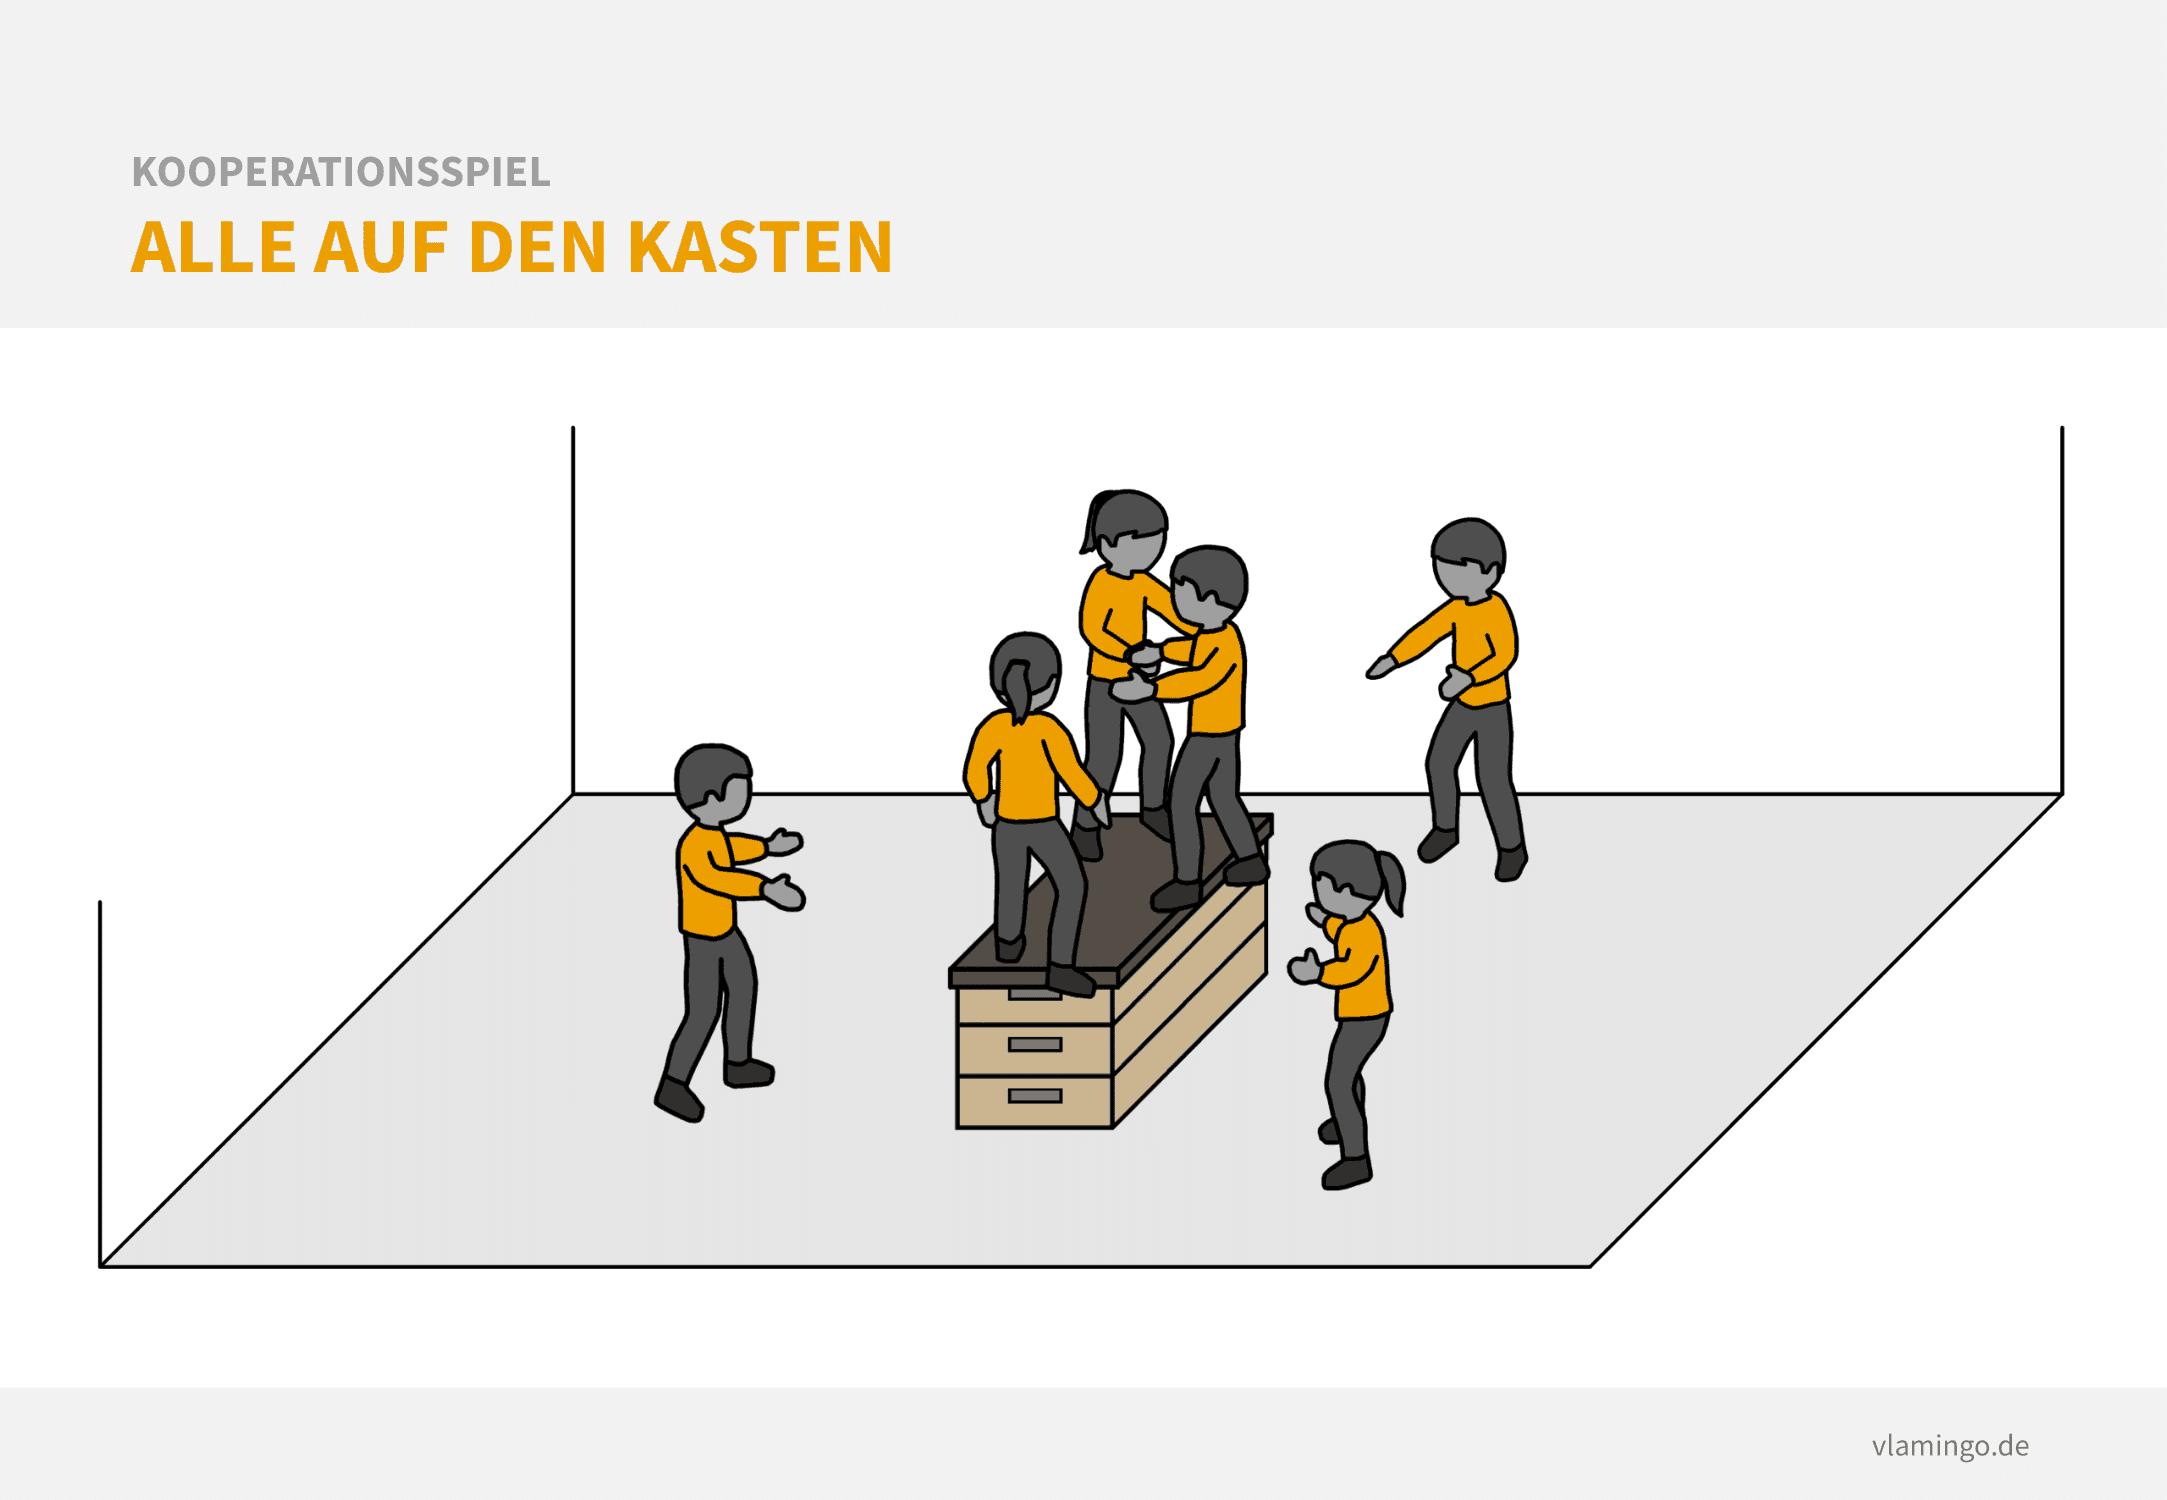 Kooperationsspiel: Alle auf den Kasten